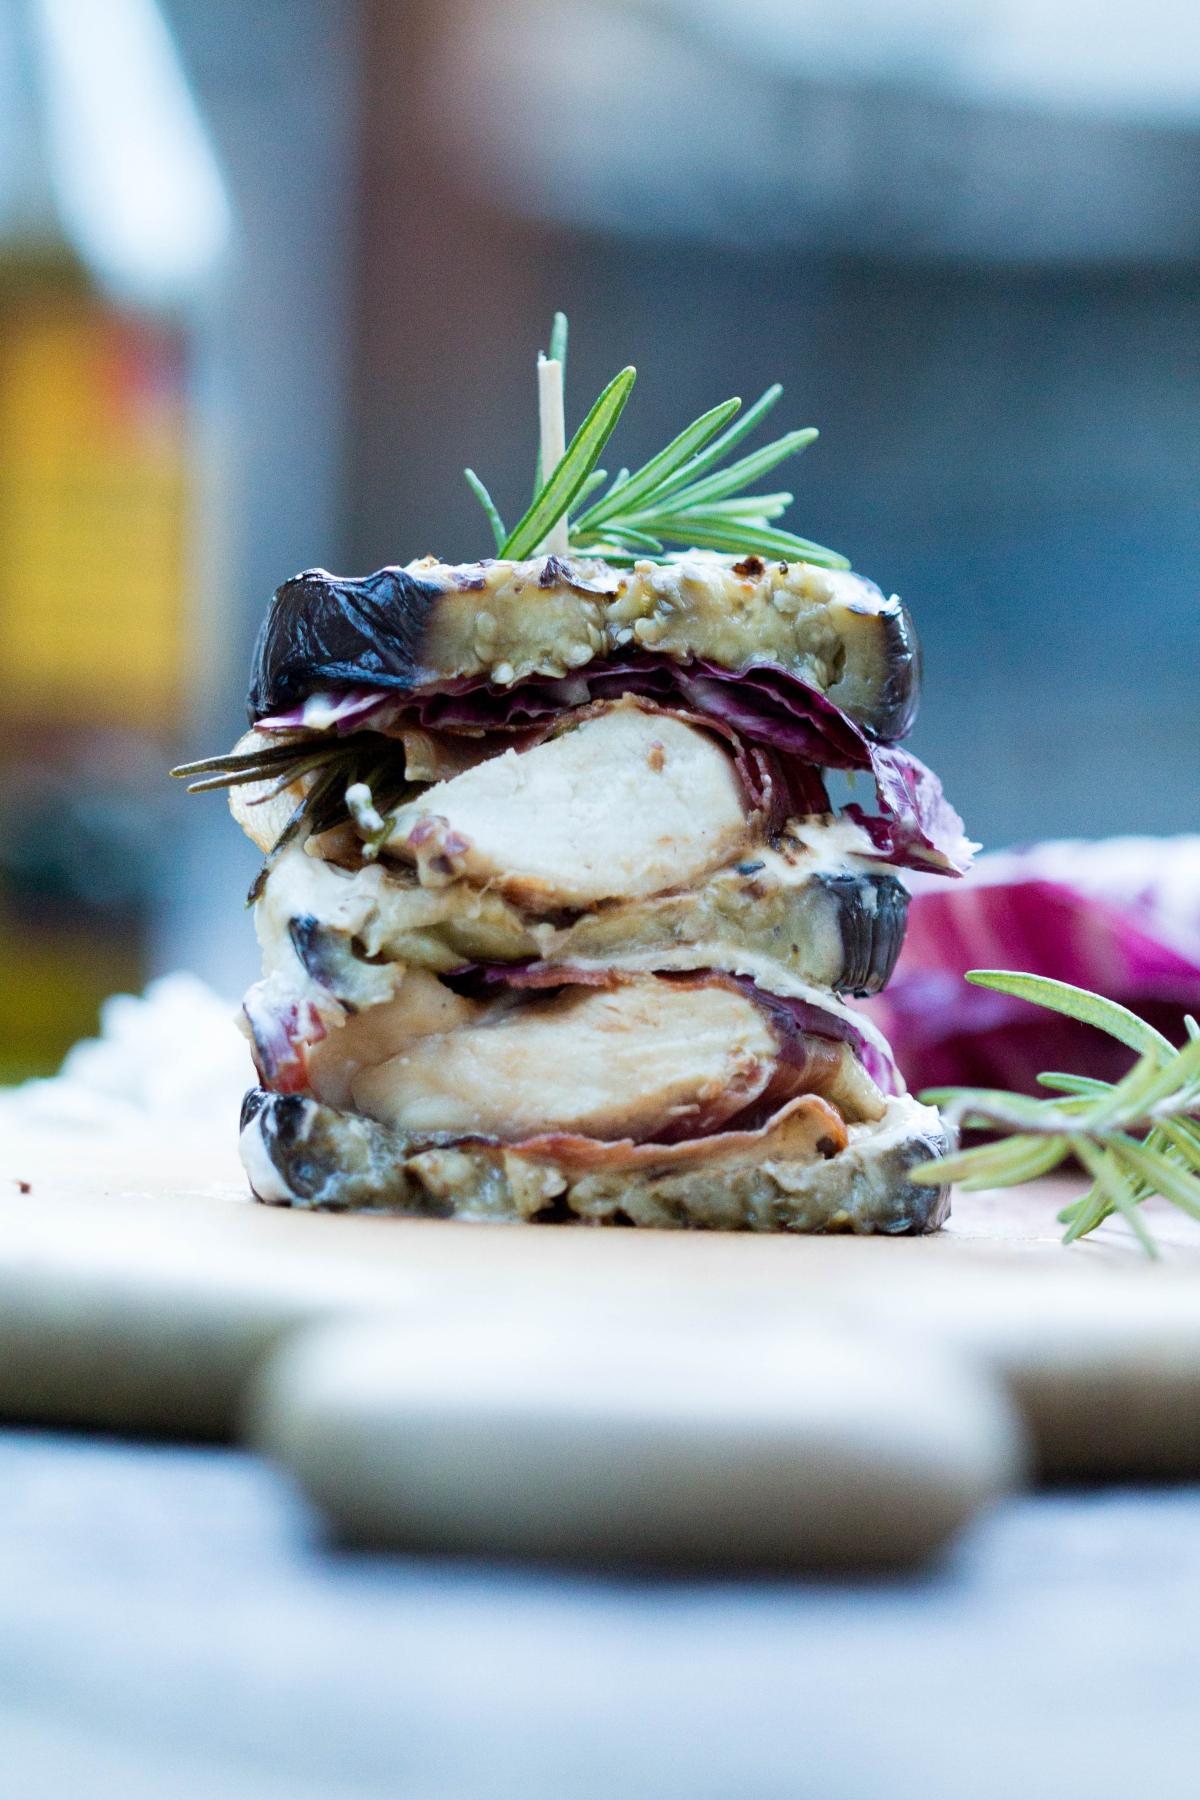 faible_burger-2-0-aubergine-mit-haehnchen-in-speckmantel-mit-ziegenfrischkaese-und-rotem-pesto-1